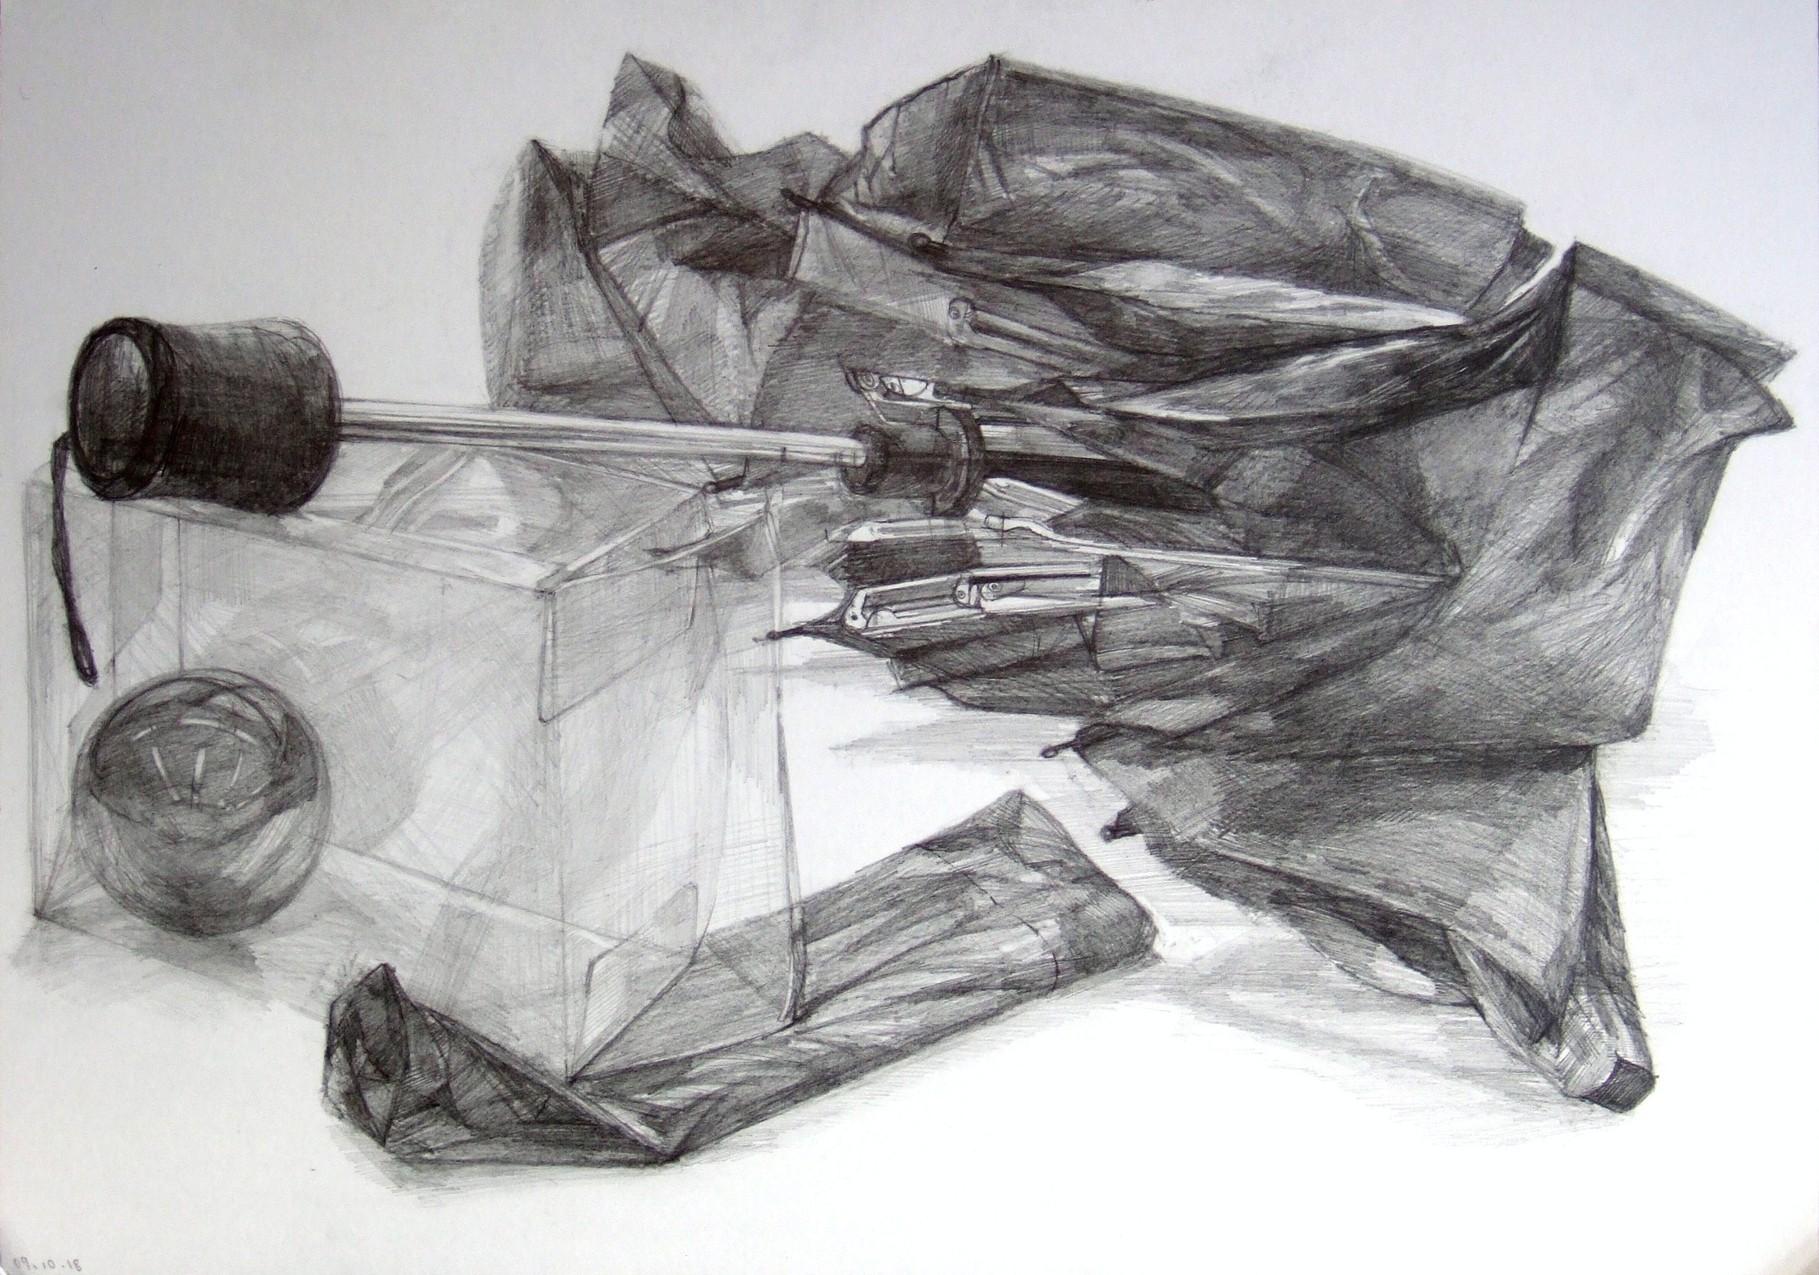 生徒作品58 鉛筆デッサン<卓上静物> 4ツ切り判 B187画用紙 【日本画系】